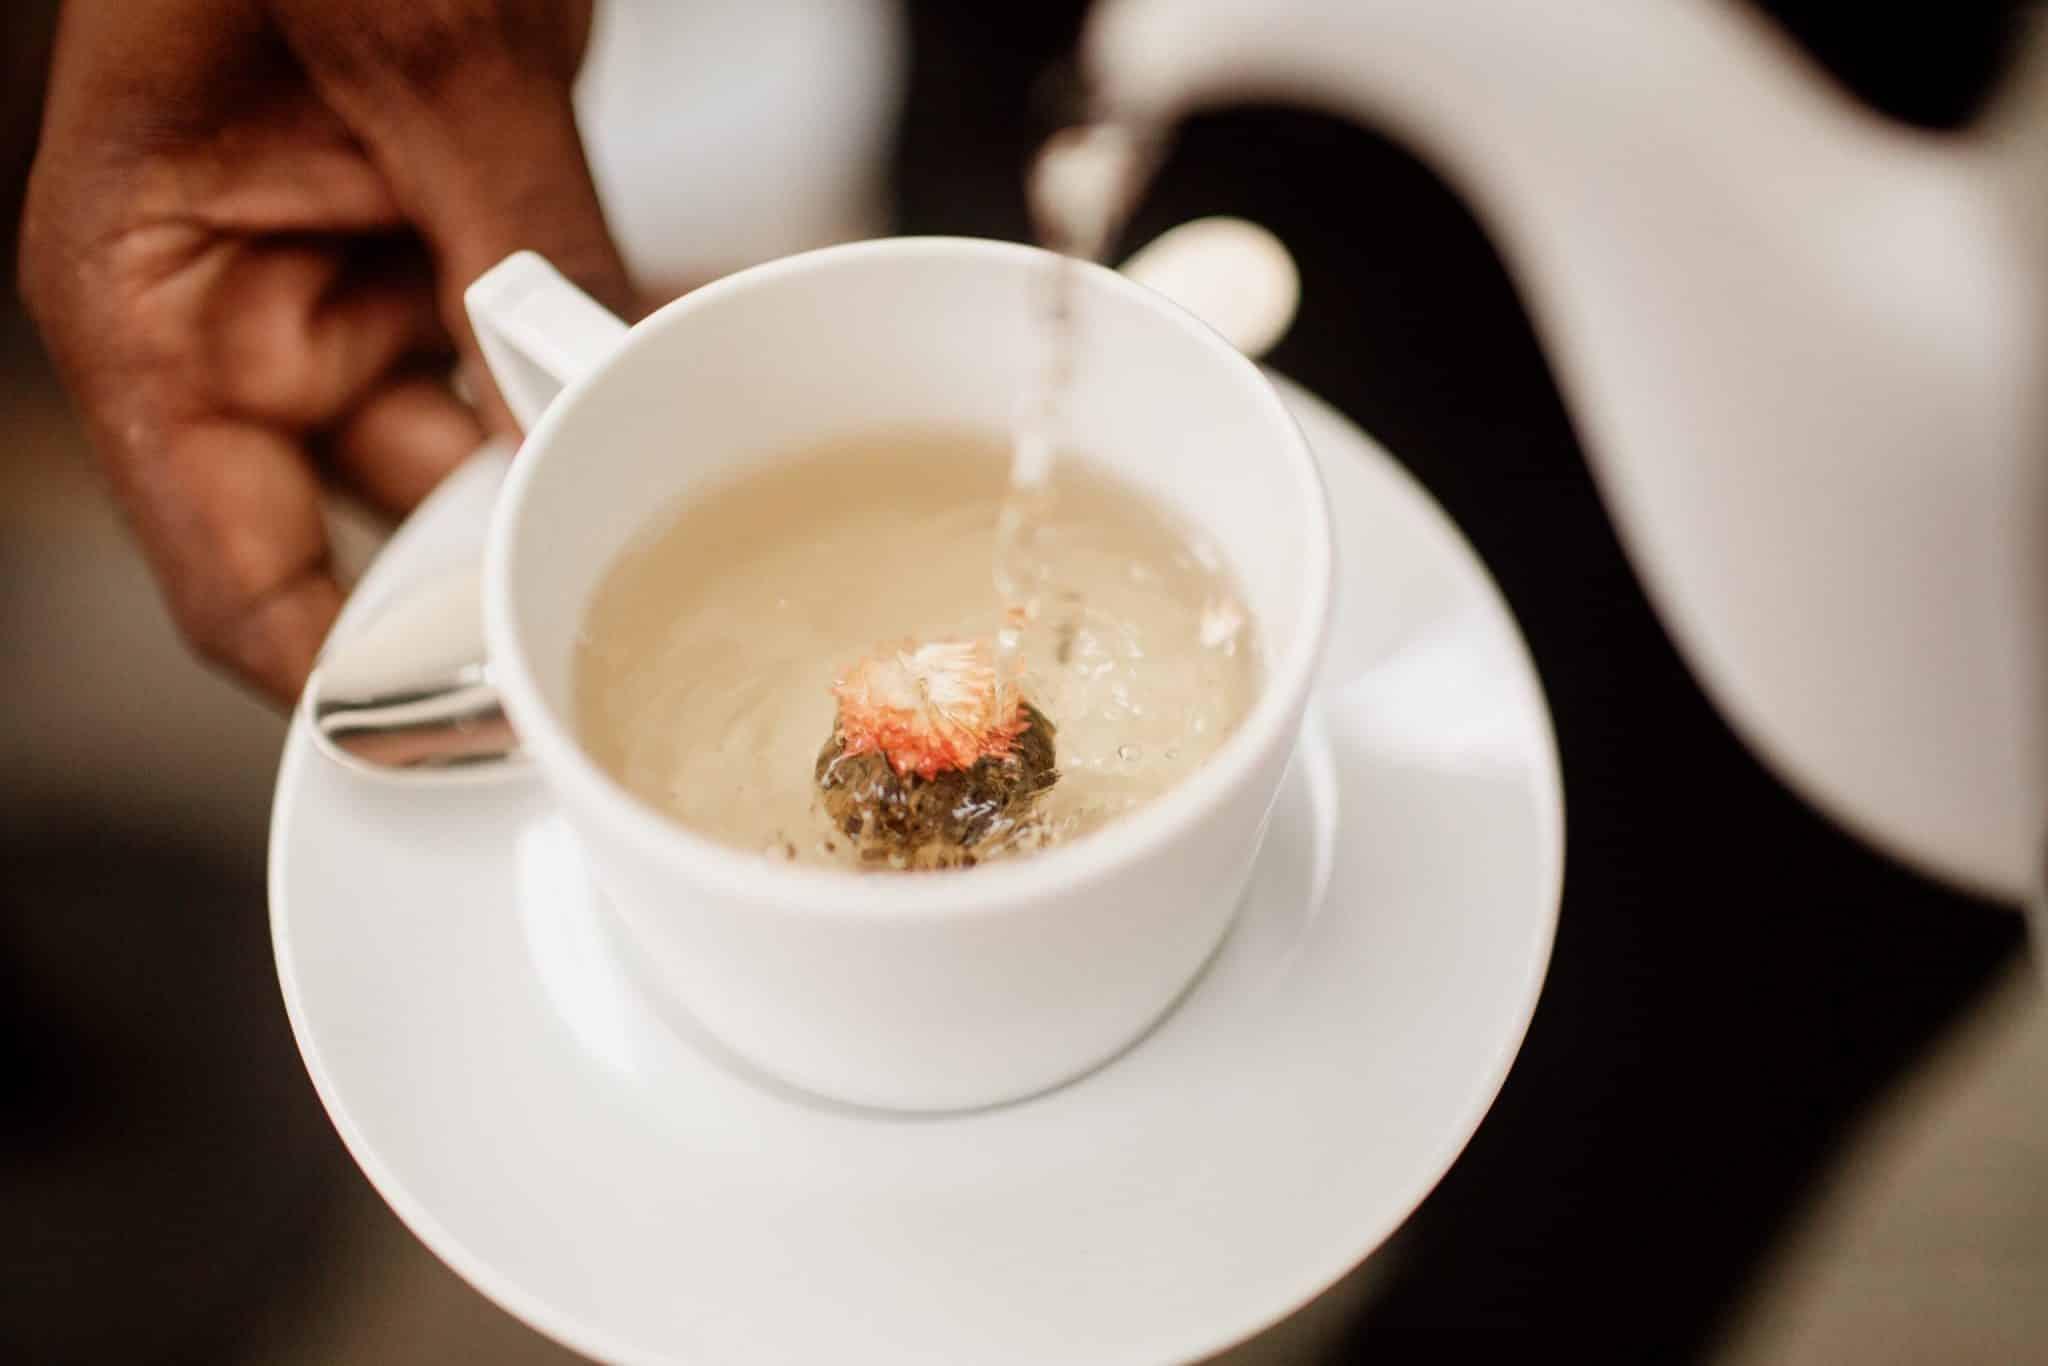 Pouring tea into a tea cup